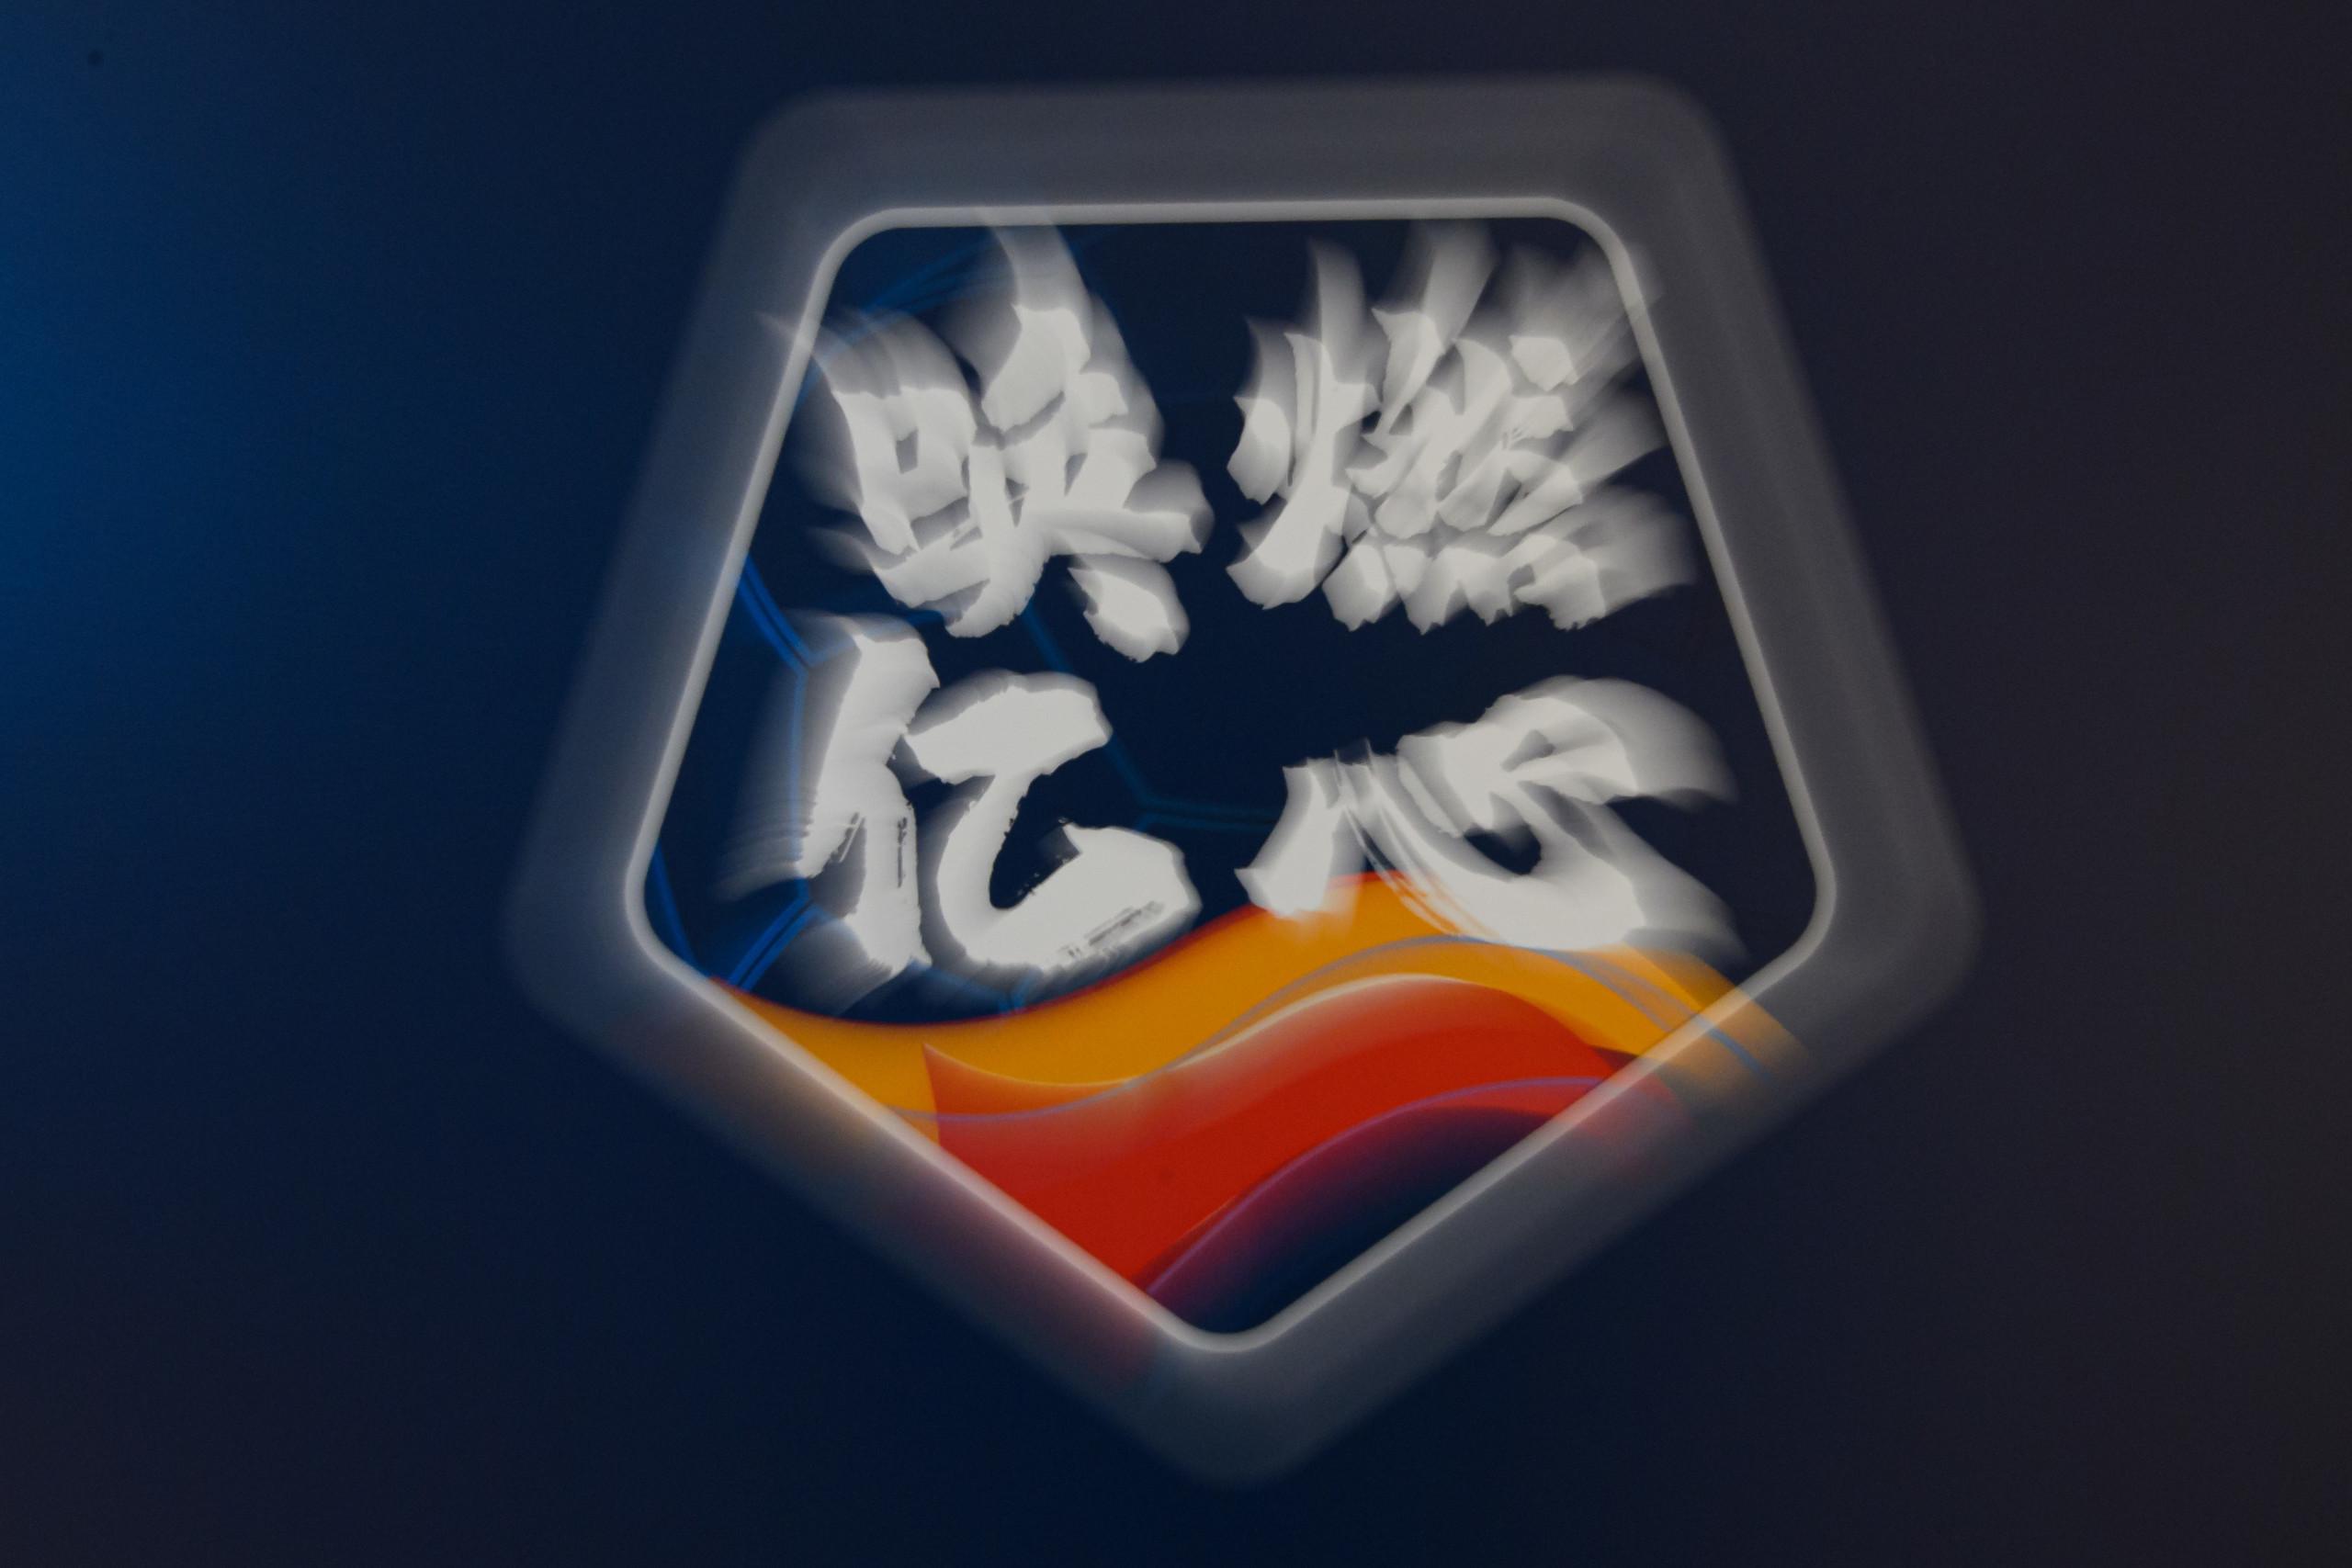 保级组对决:建业卓尔、大连永昌、富力黄海、深足泰达